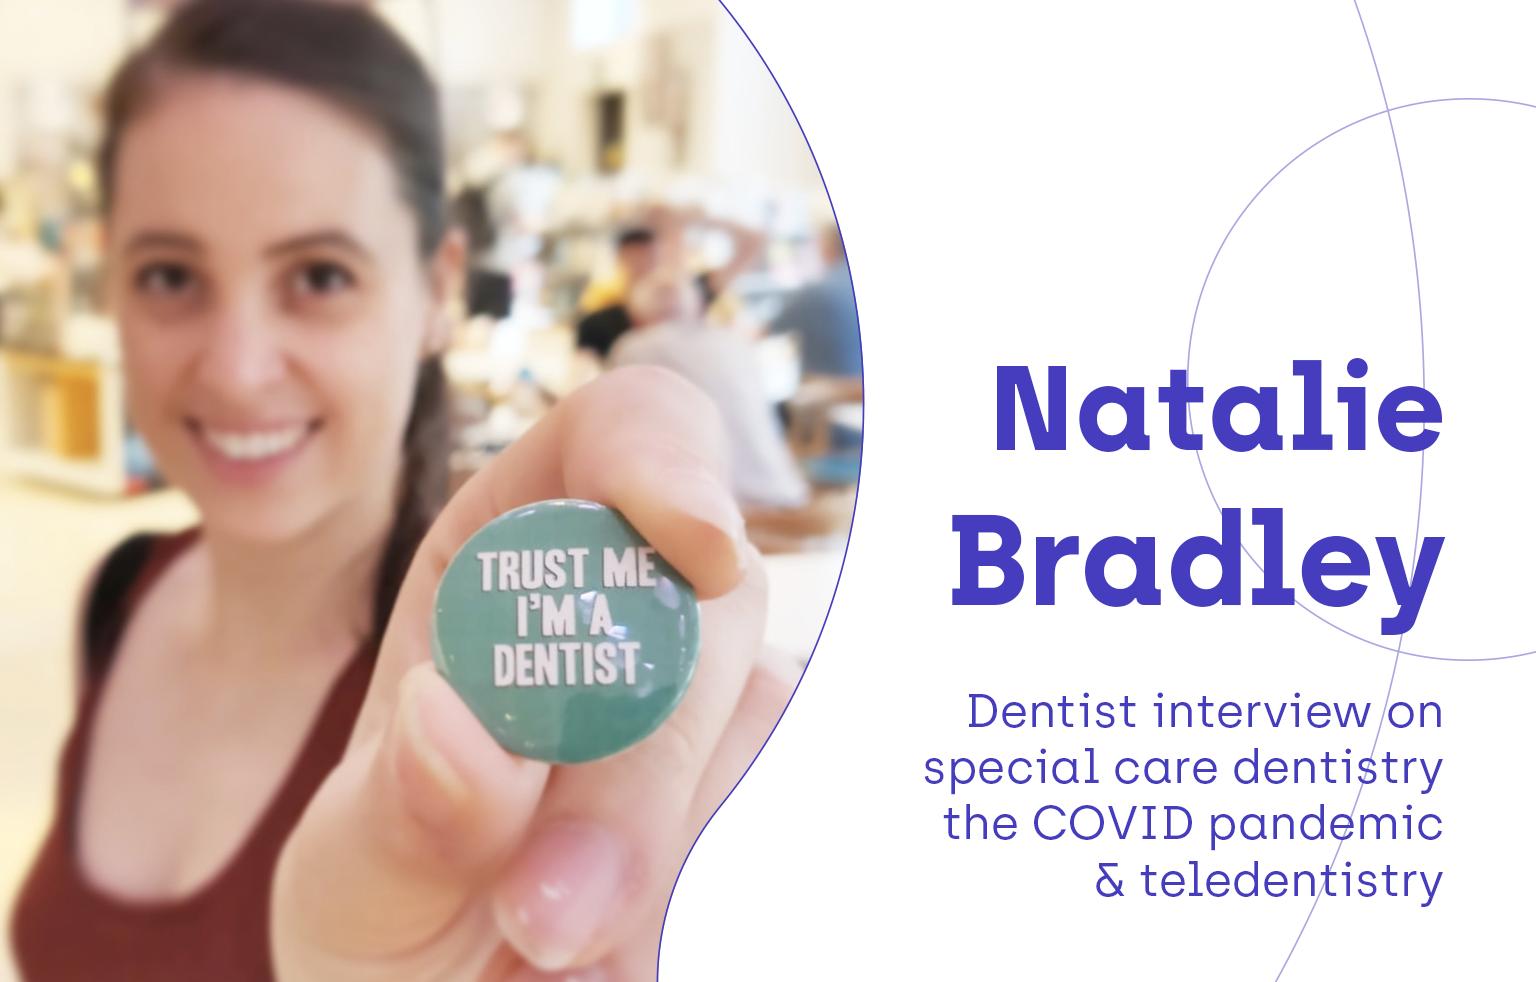 Natalie Bradley on special care dentistry